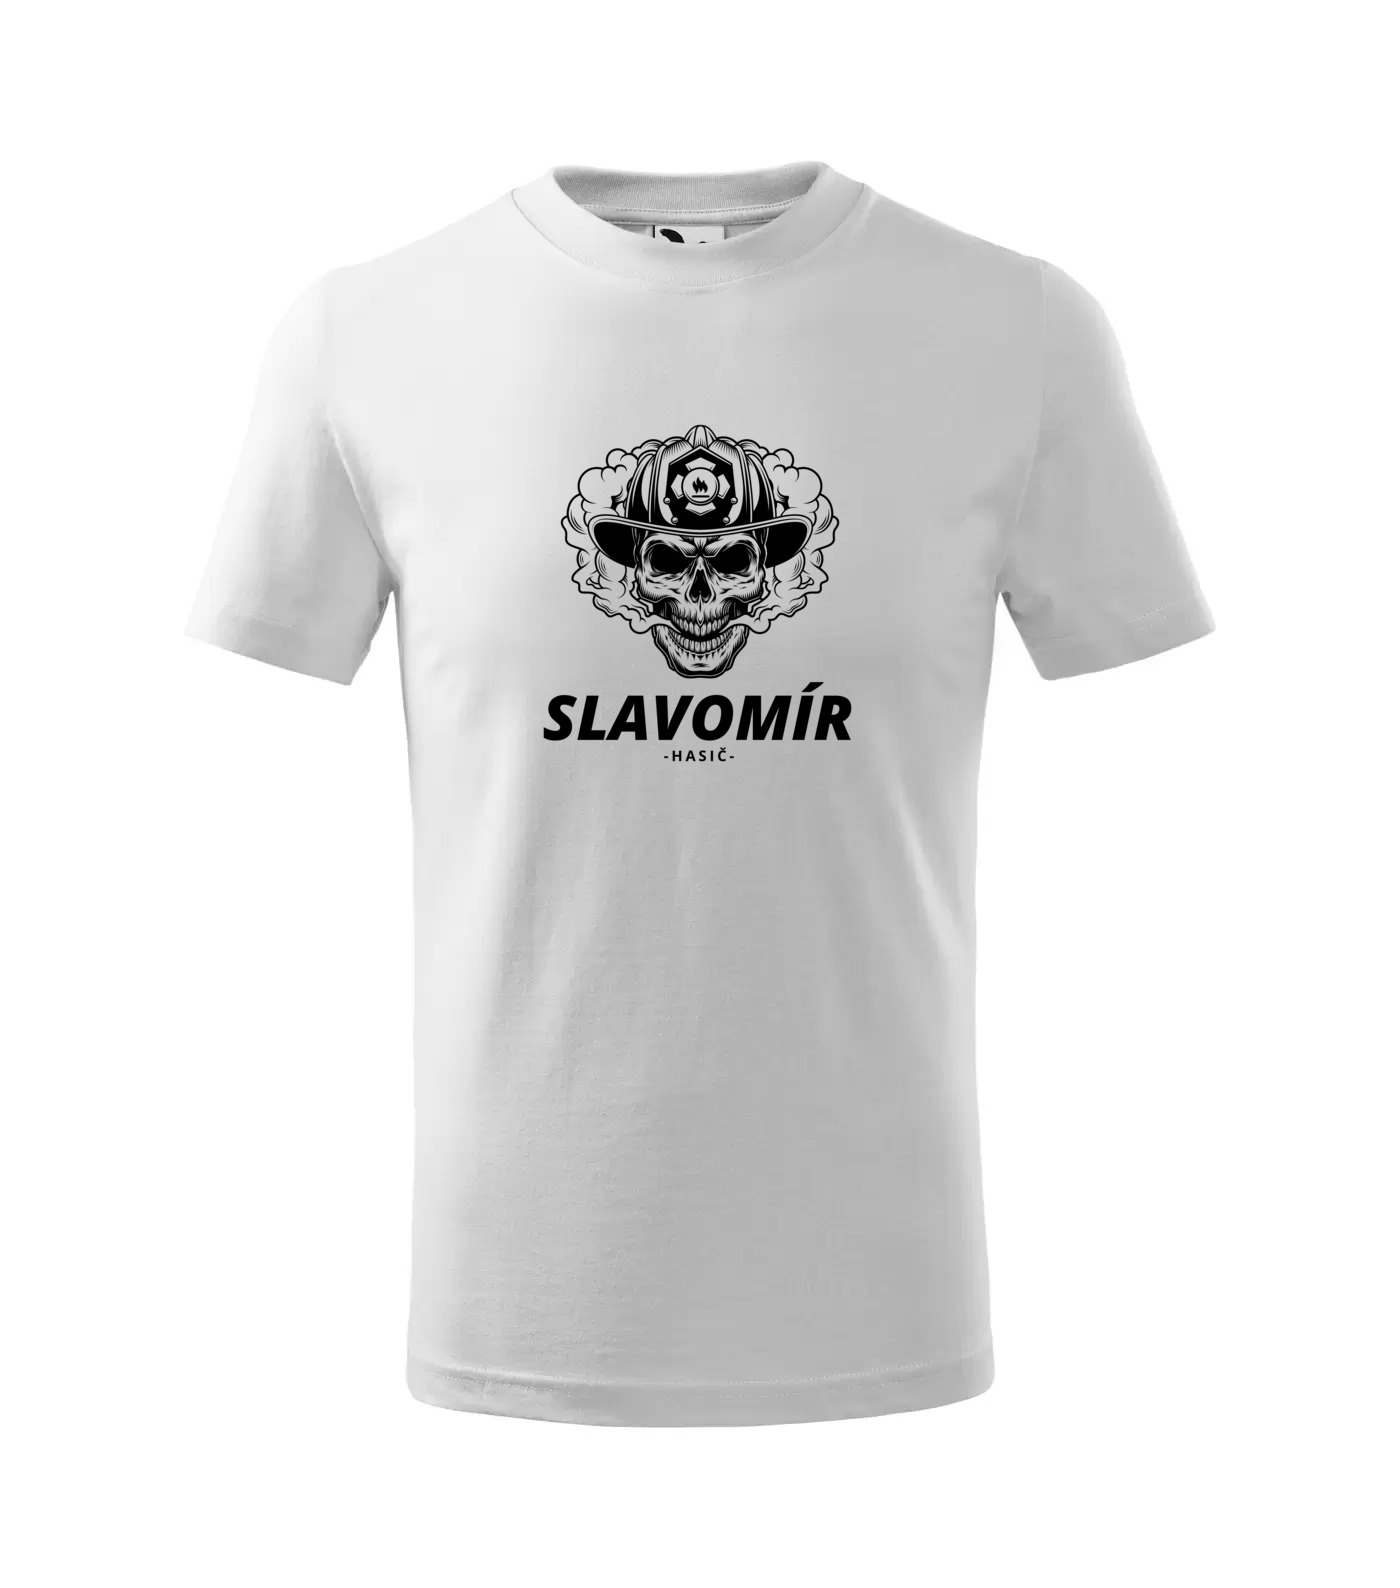 Tričko Hasič Slavomír